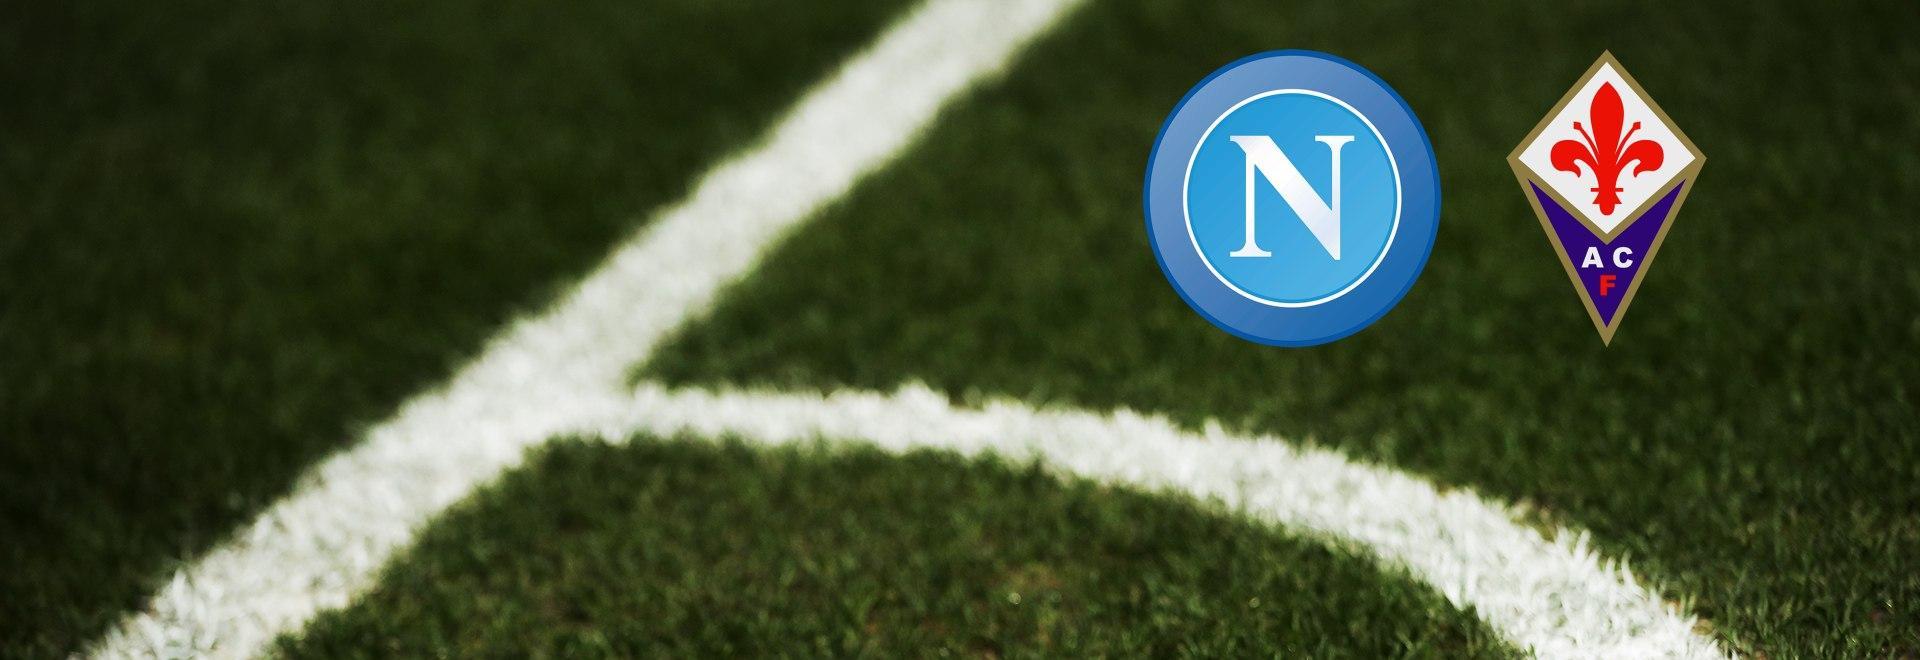 Napoli - Fiorentina. 20a g.